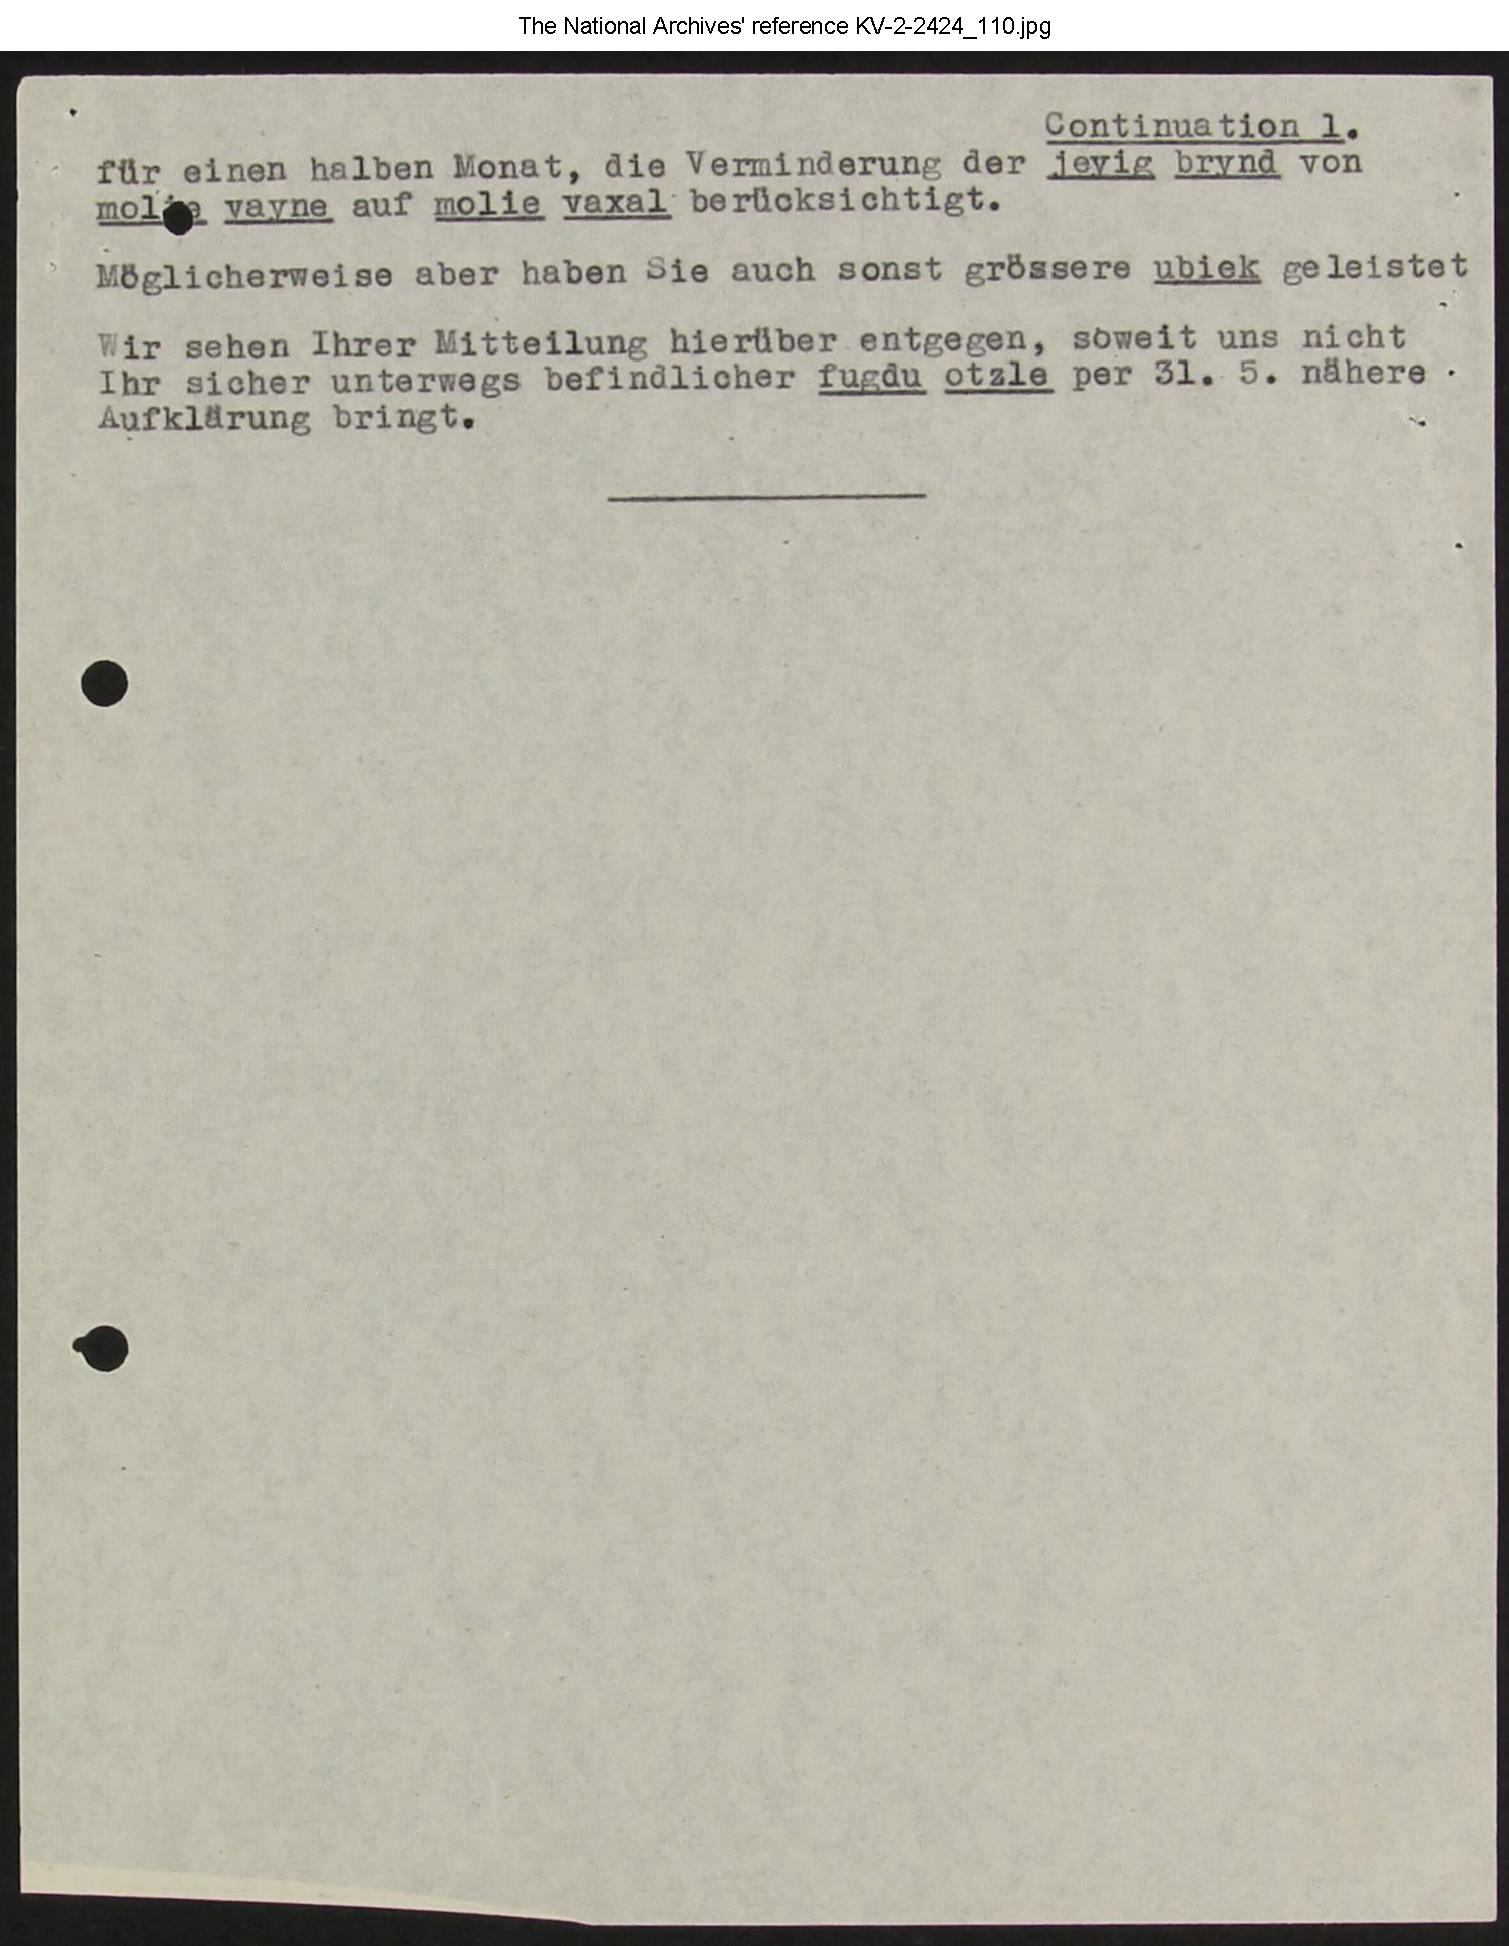 Bayer-Letter-DE-2